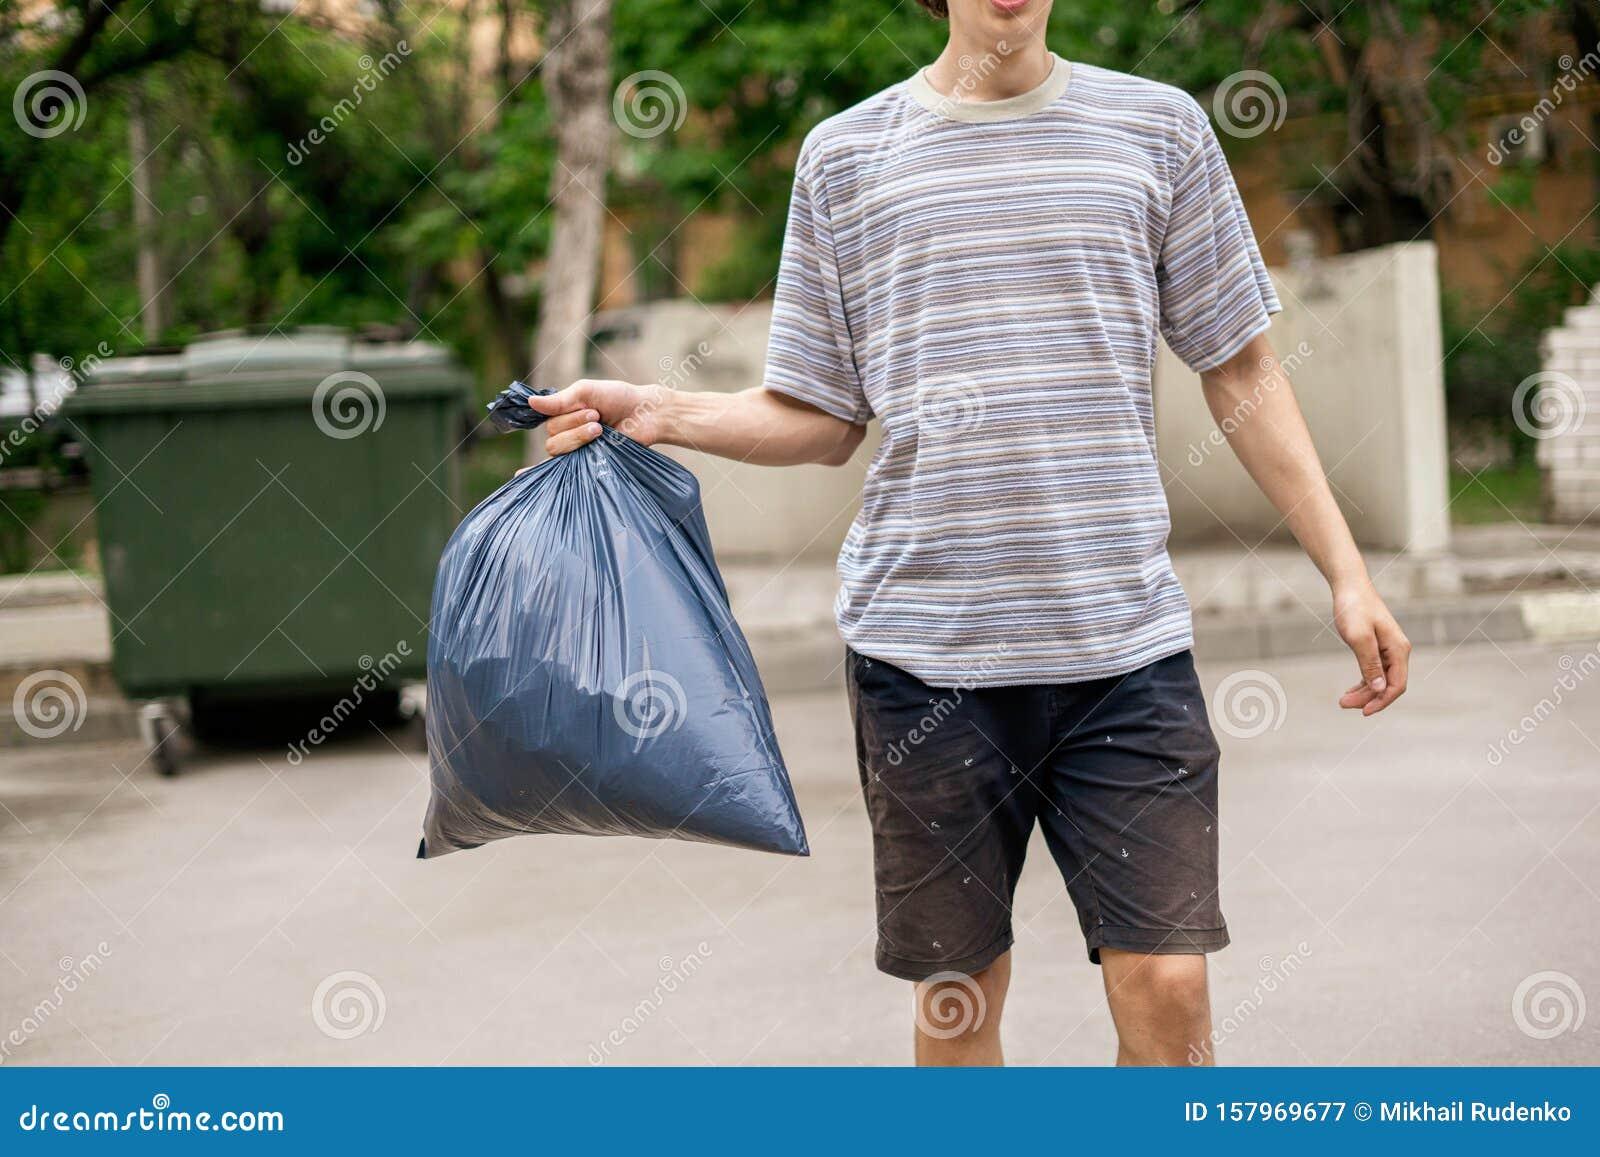 ¿Cómo estas hoy? en imagenes. - Página 8 Joven-sacando-bolsas-de-basura-con-tomando-una-bolsa-157969677